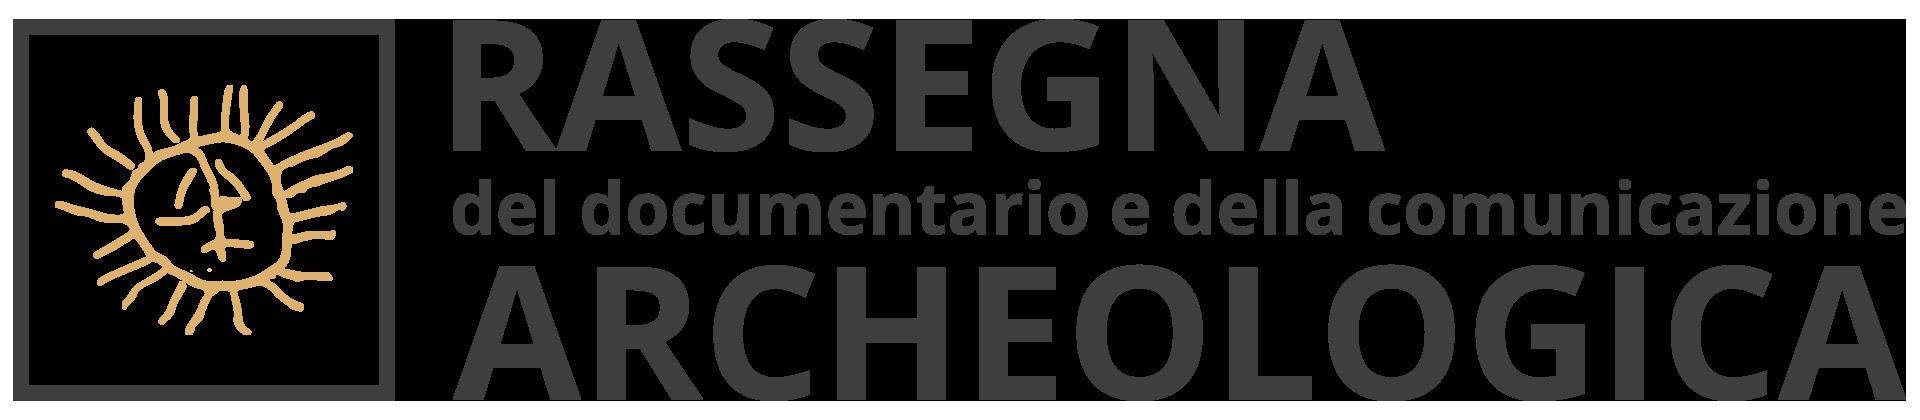 licodia-eubea_rassegna-del-documentario-e-della-comunciazione-archeologica-logo